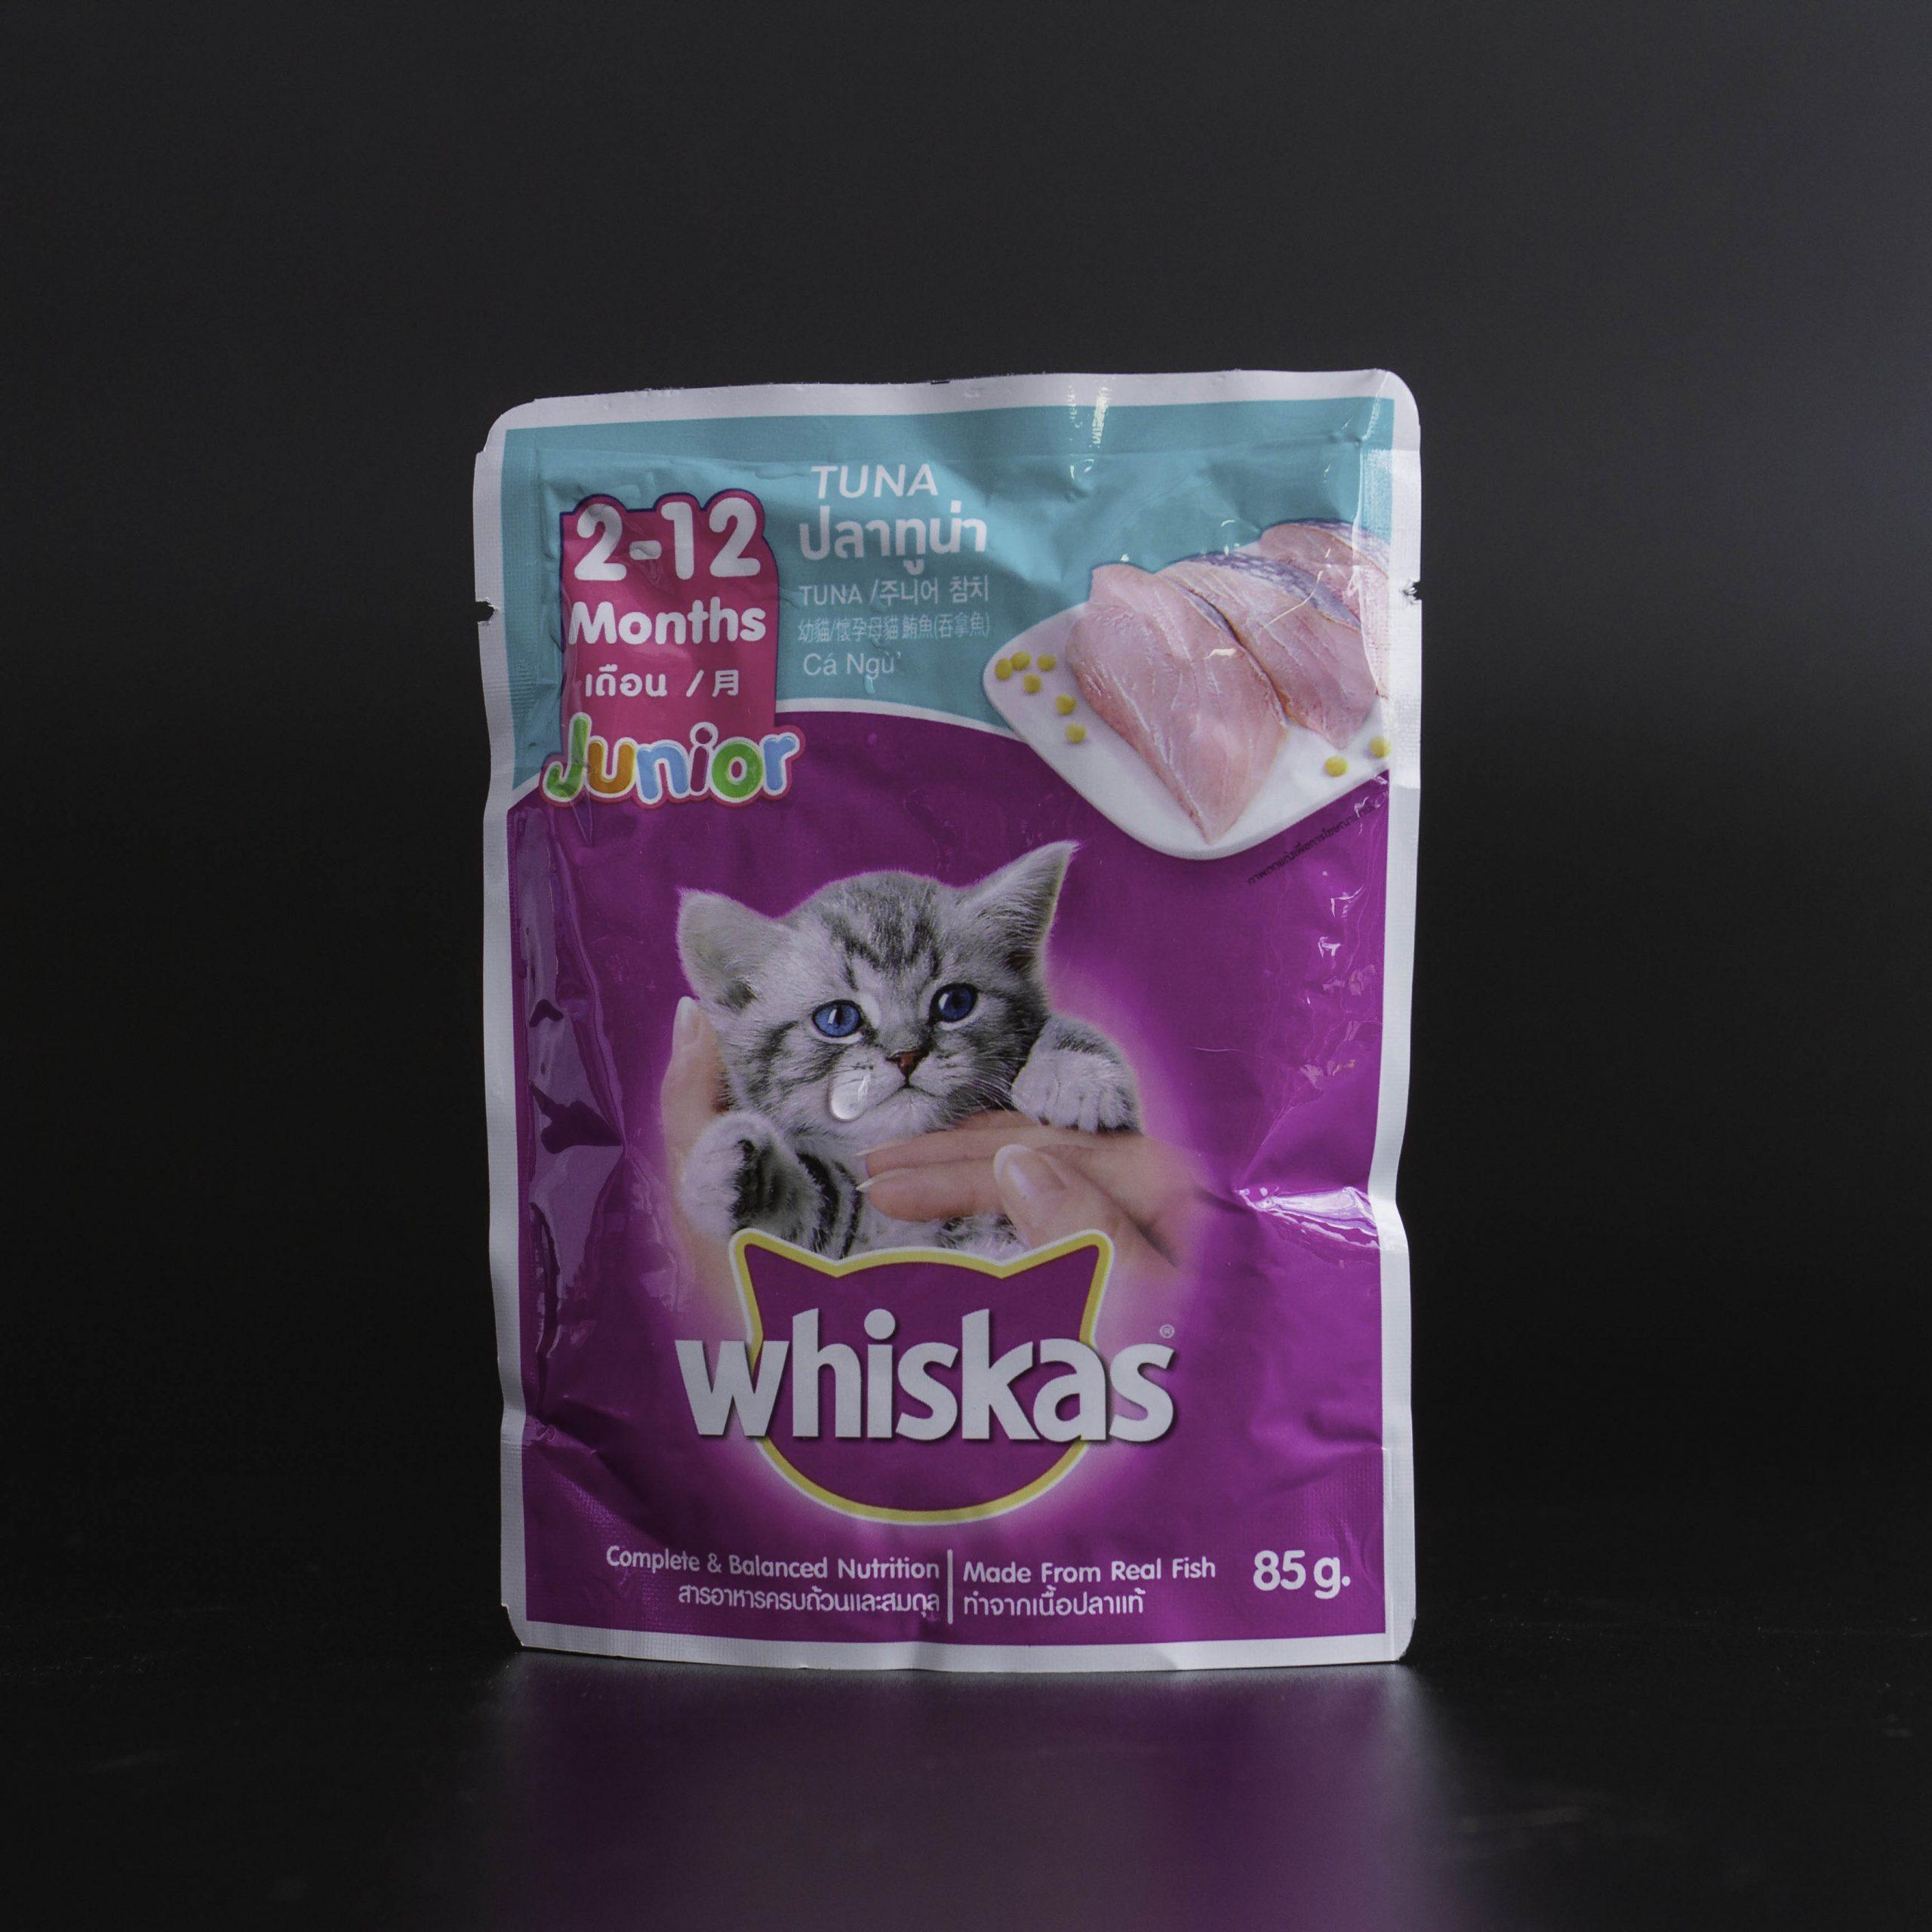 Thức ăn cho mèo Whiskas có tốt không? Mua ở đâu, giá bao nhiêu